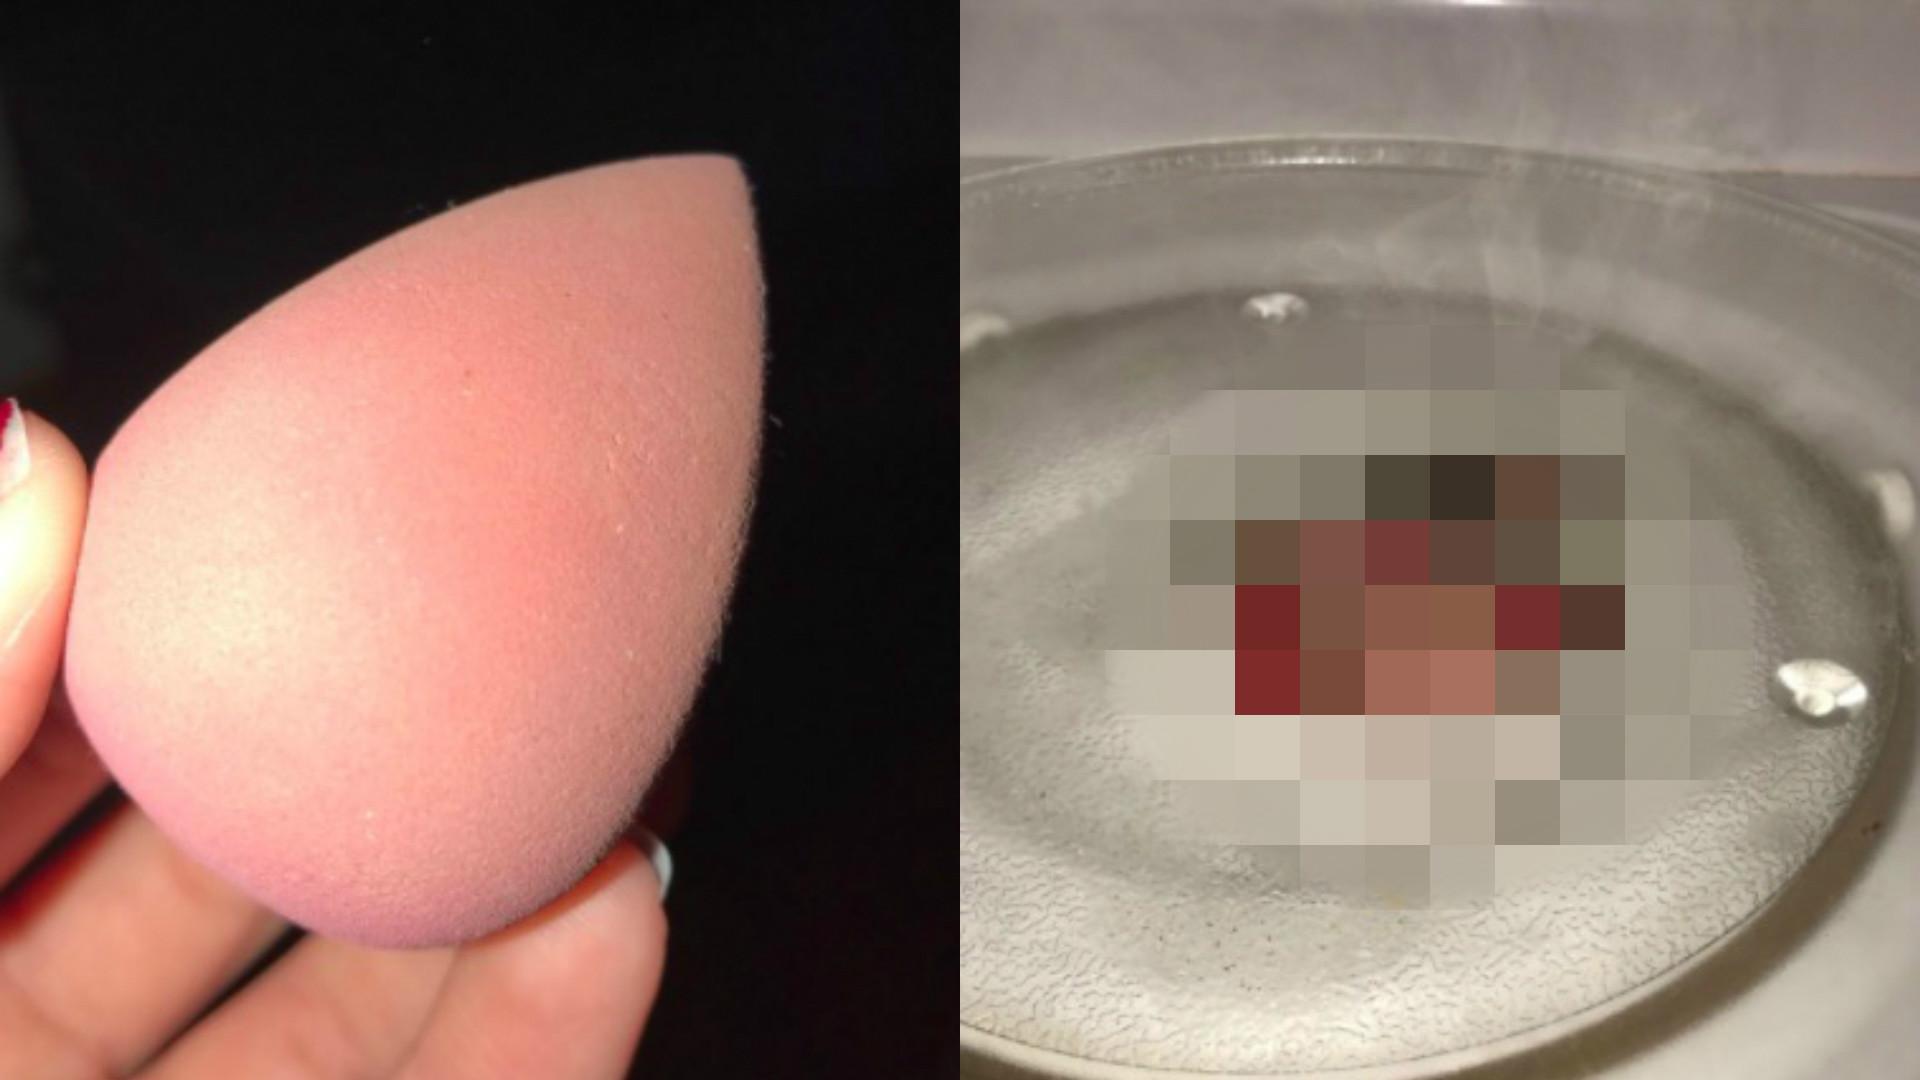 Czyszczenie beauty blendera w mikrofalówce